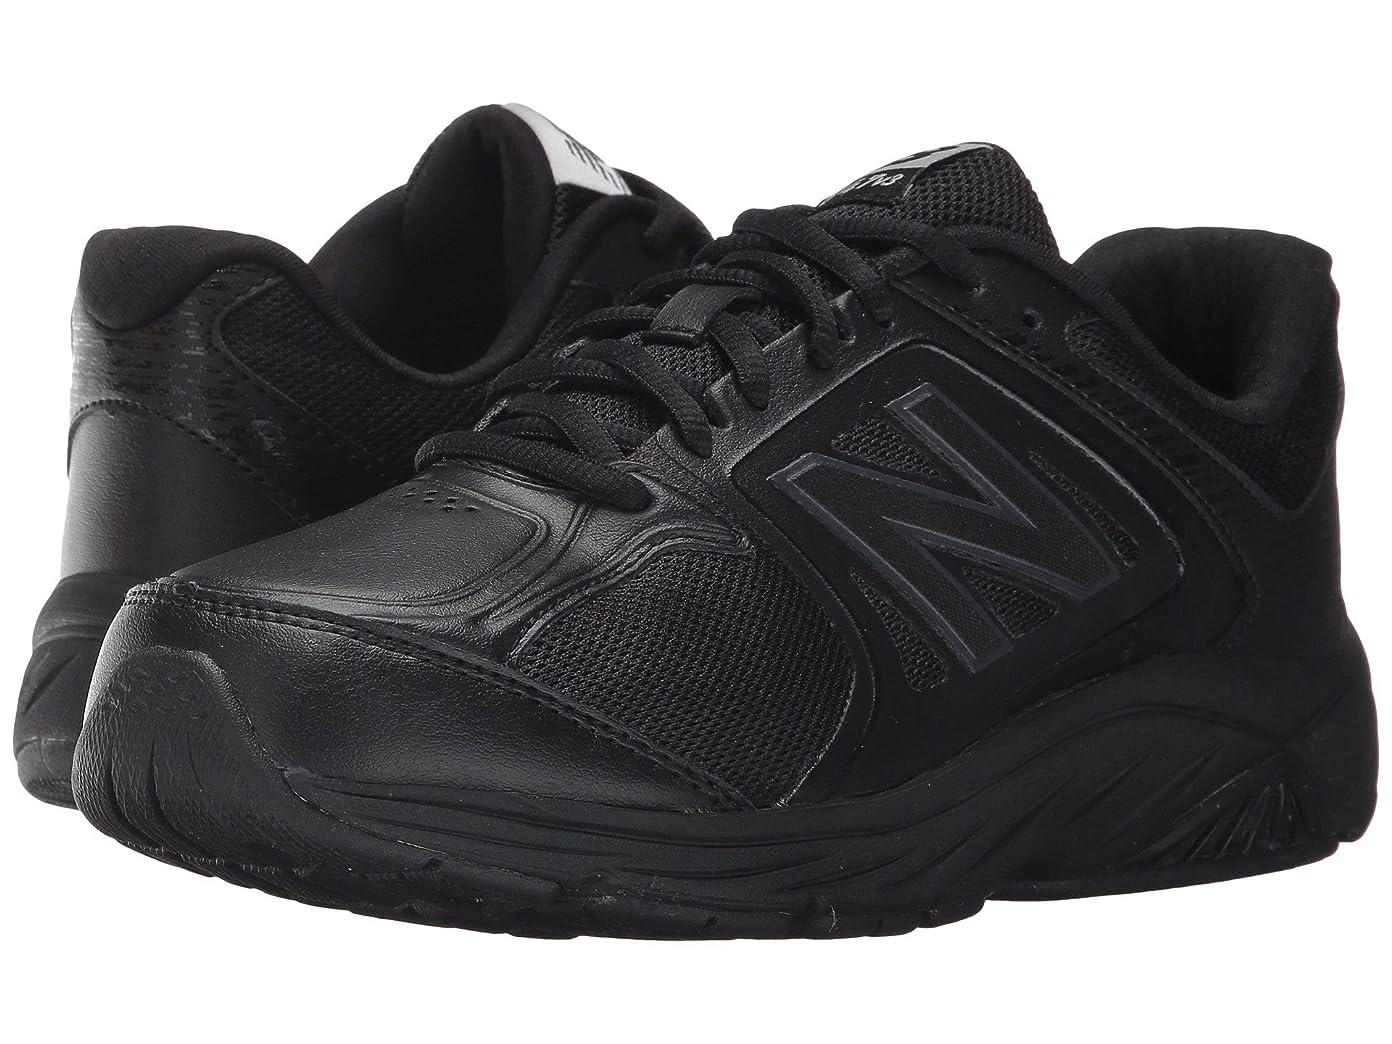 エイリアンあらゆる種類の瞬時に[new balance(ニューバランス)] レディースウォーキングシューズ?靴 WW847v3 Black/Black 13 (30cm) EE - Extra Wide [並行輸入品]